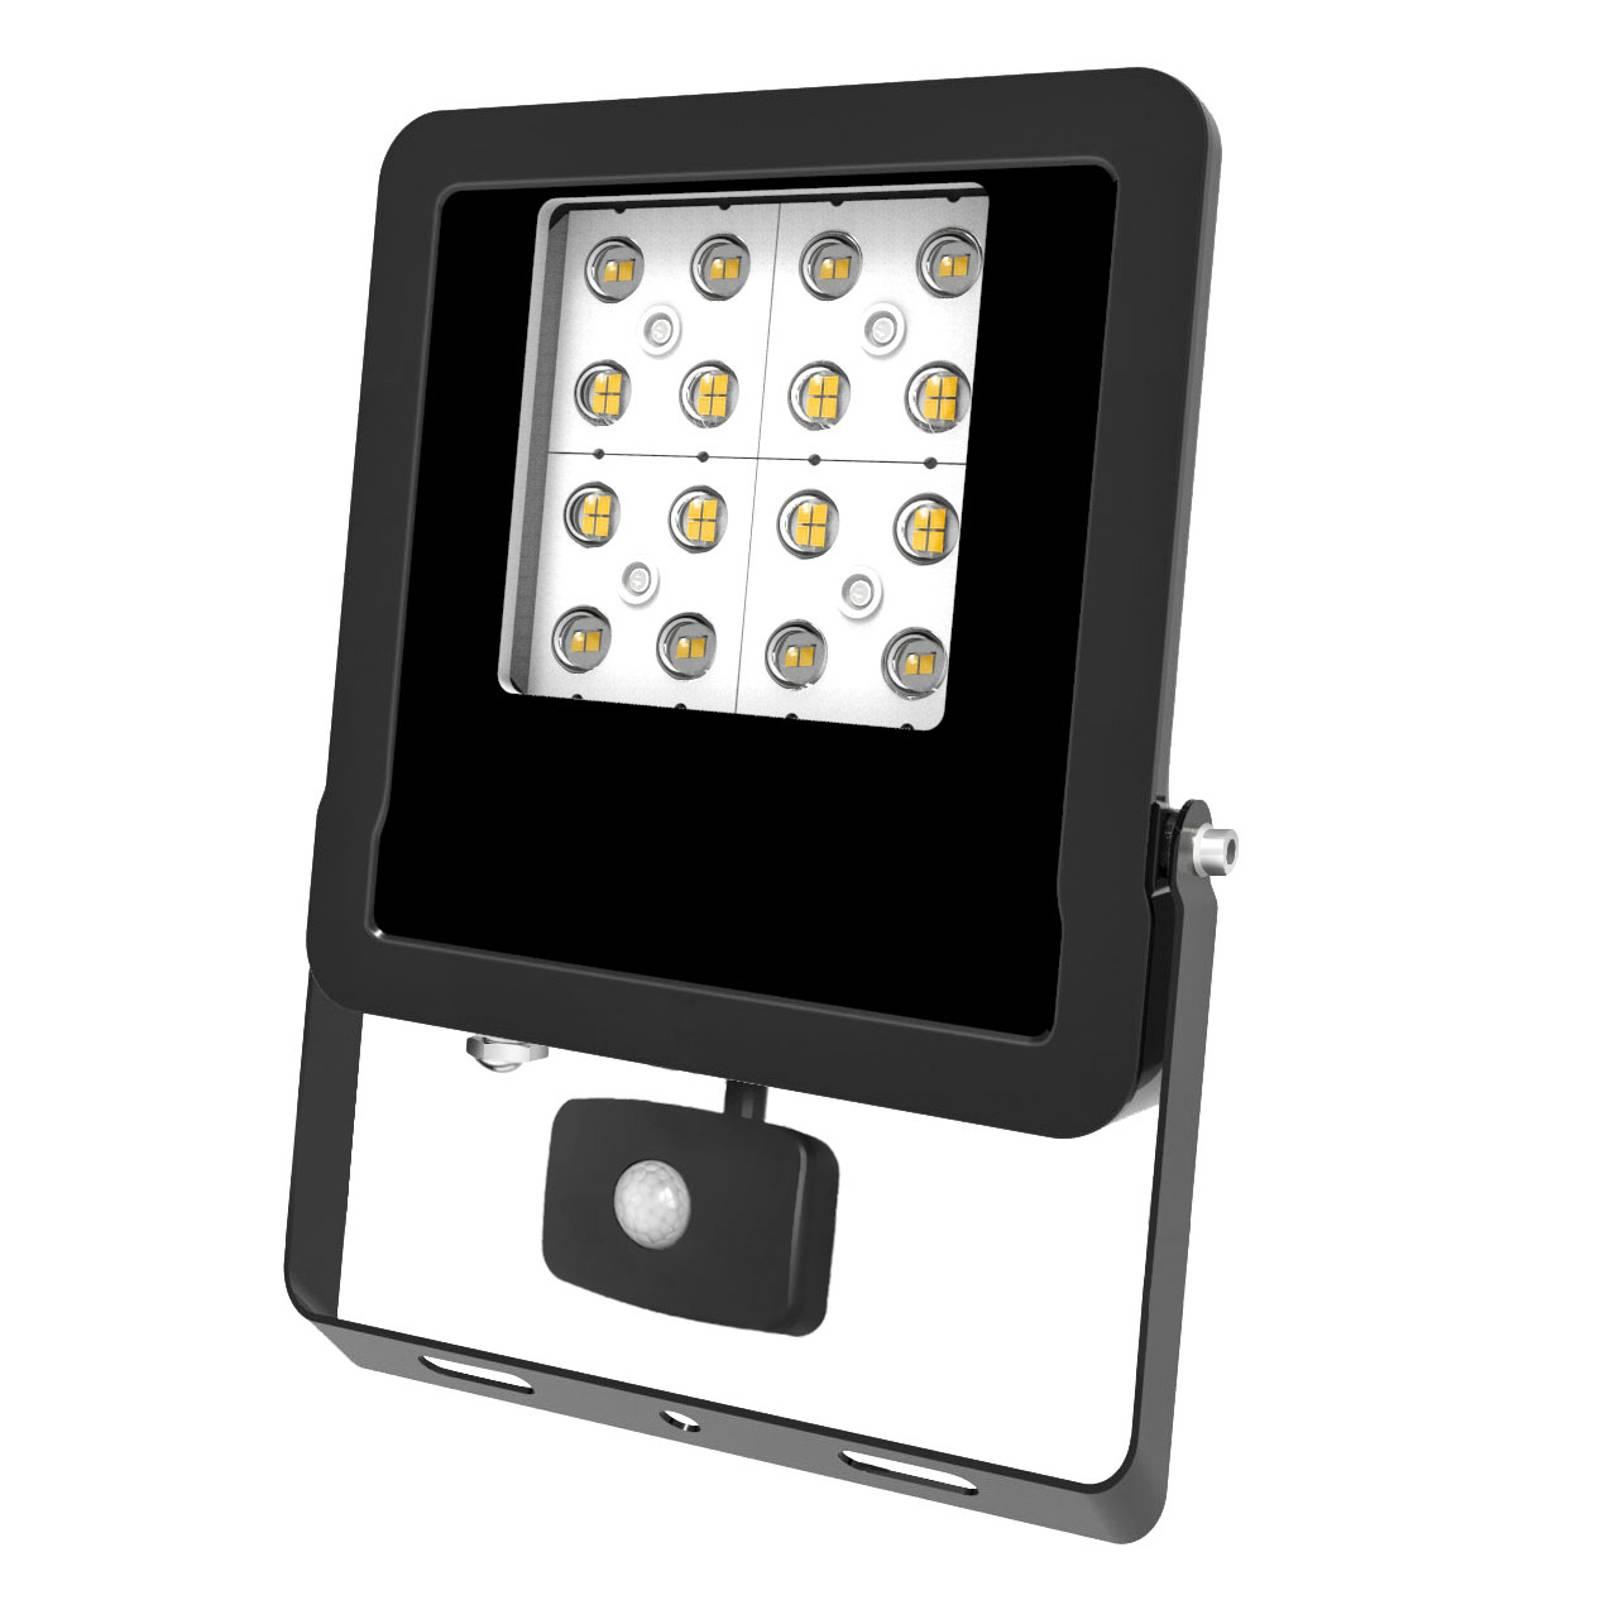 EVN EVN Panthera venkovní spot senzor IP44 30W 3000K